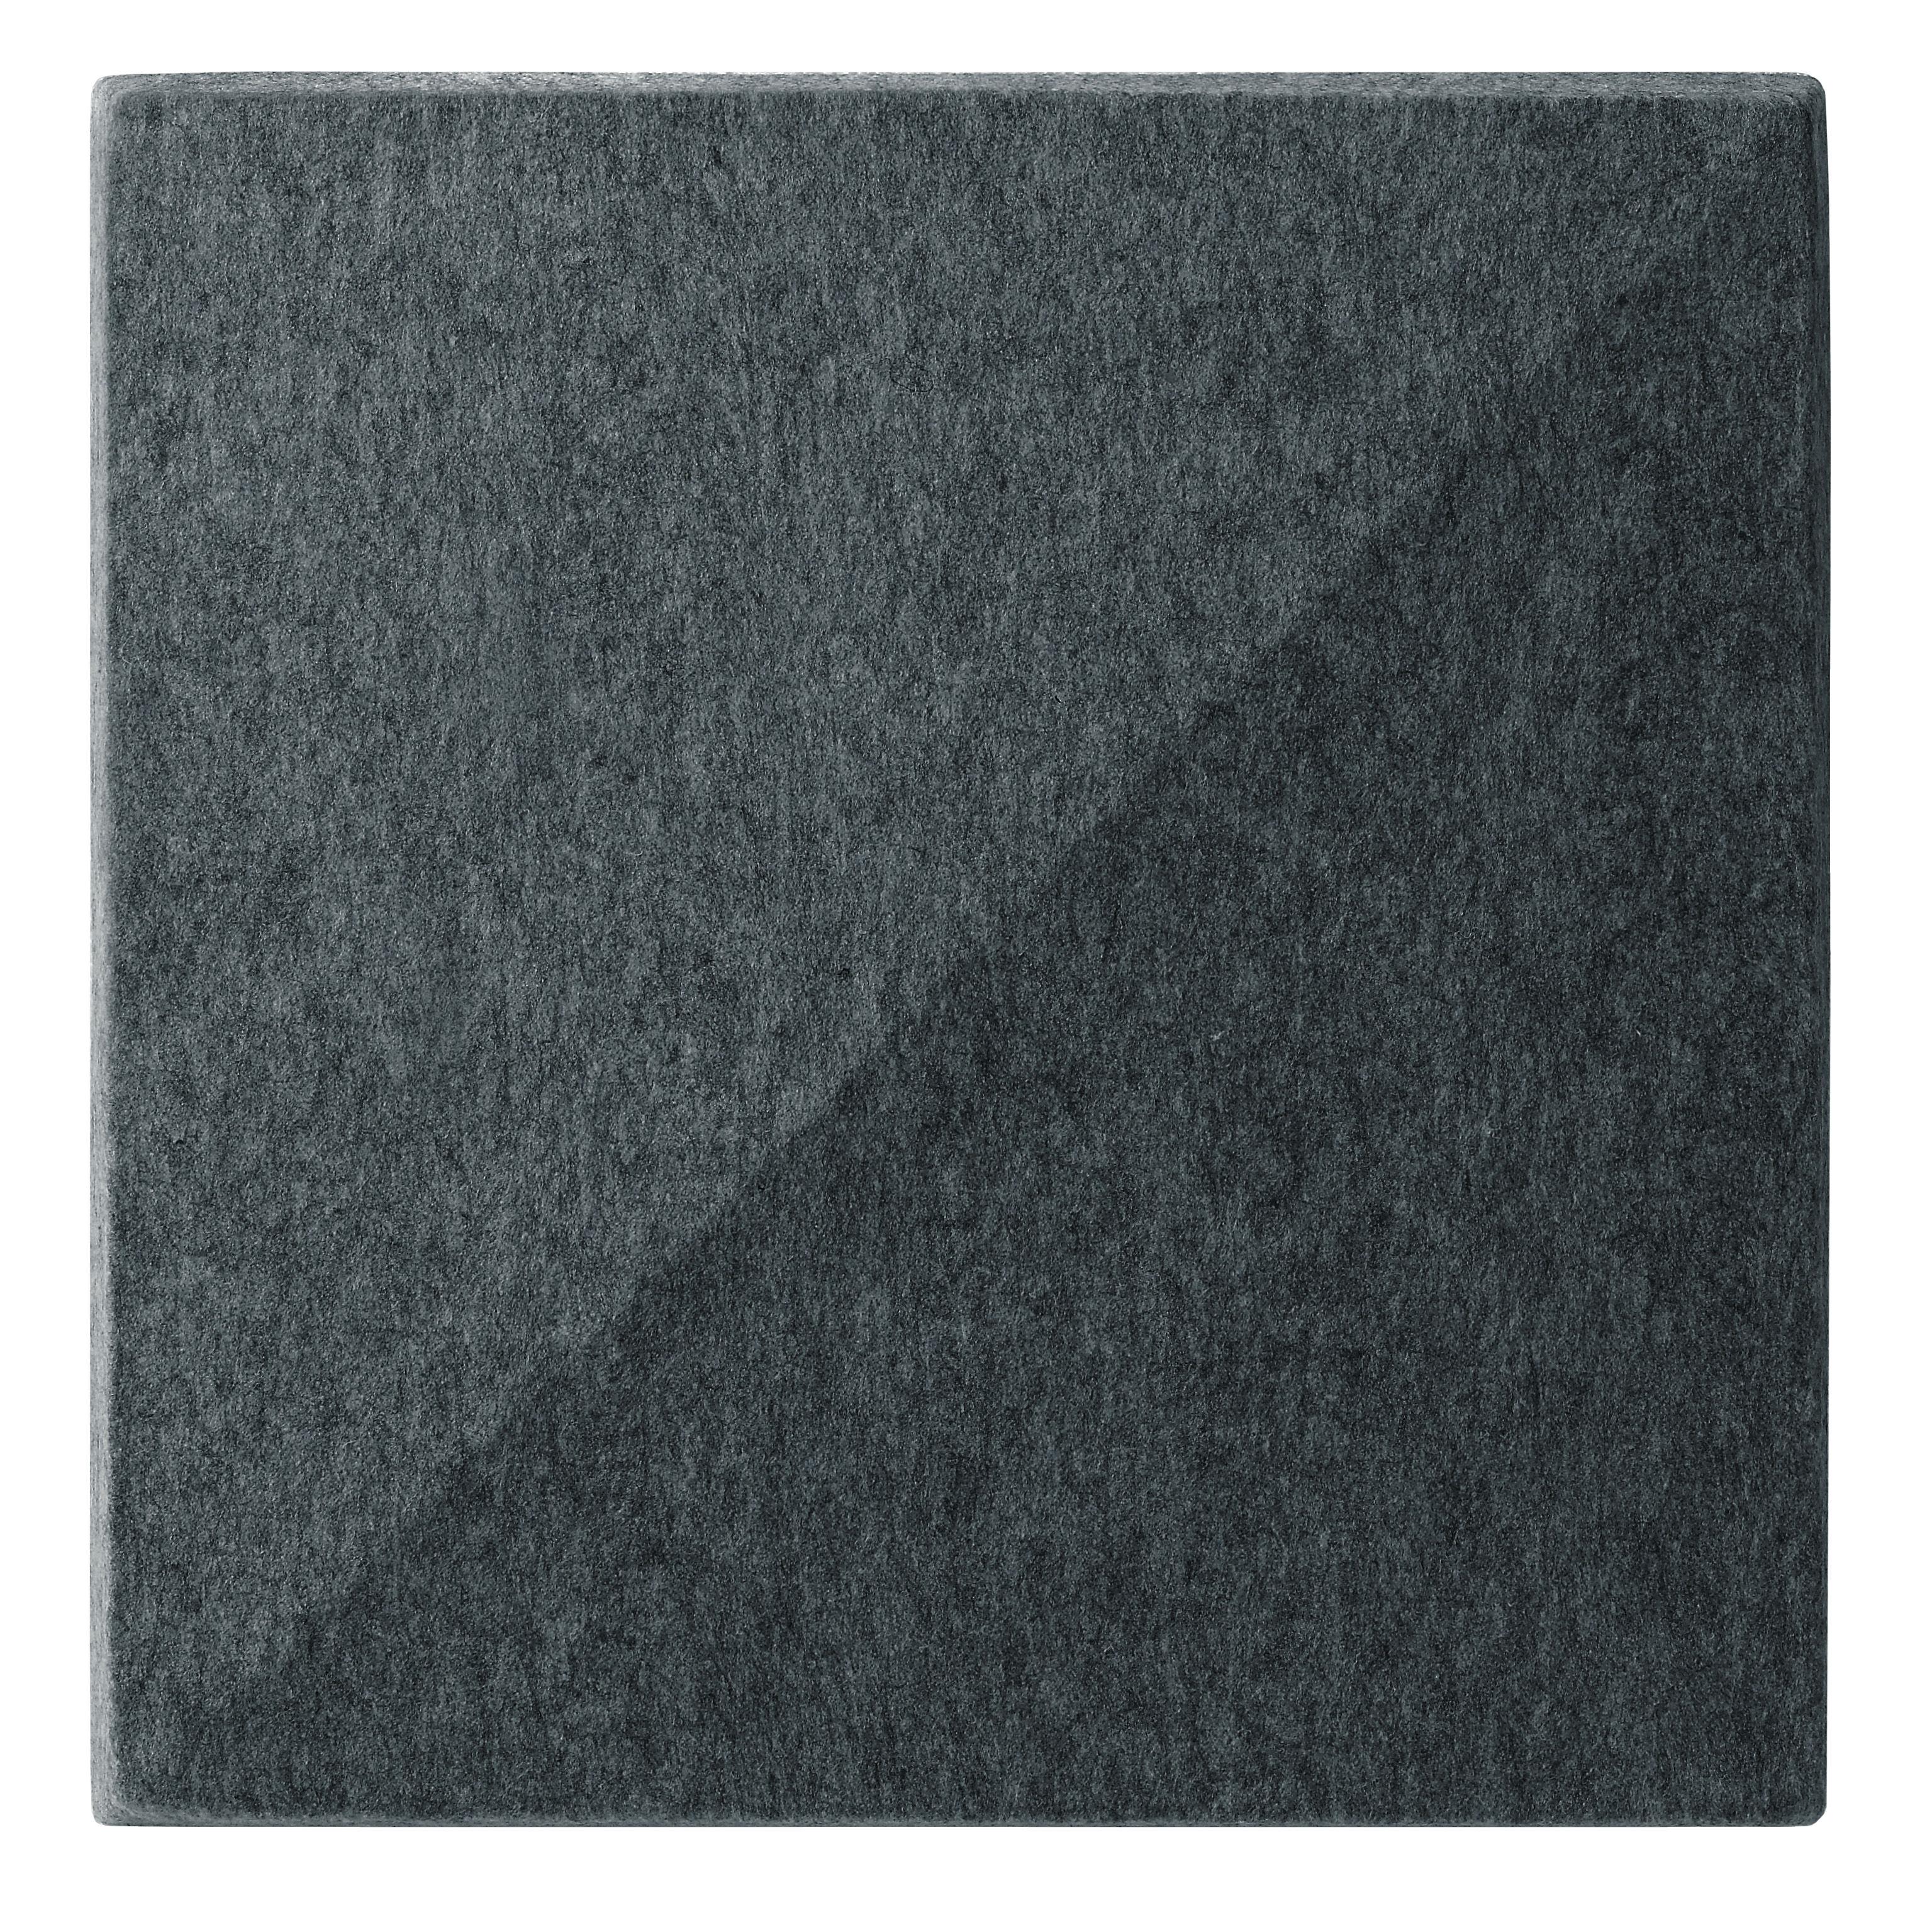 Mobilier - Paravents, séparations - Panneau acoustique mural Soundwave Bella - Offecct - Gris anthracite - Fibre de polyester, Laine